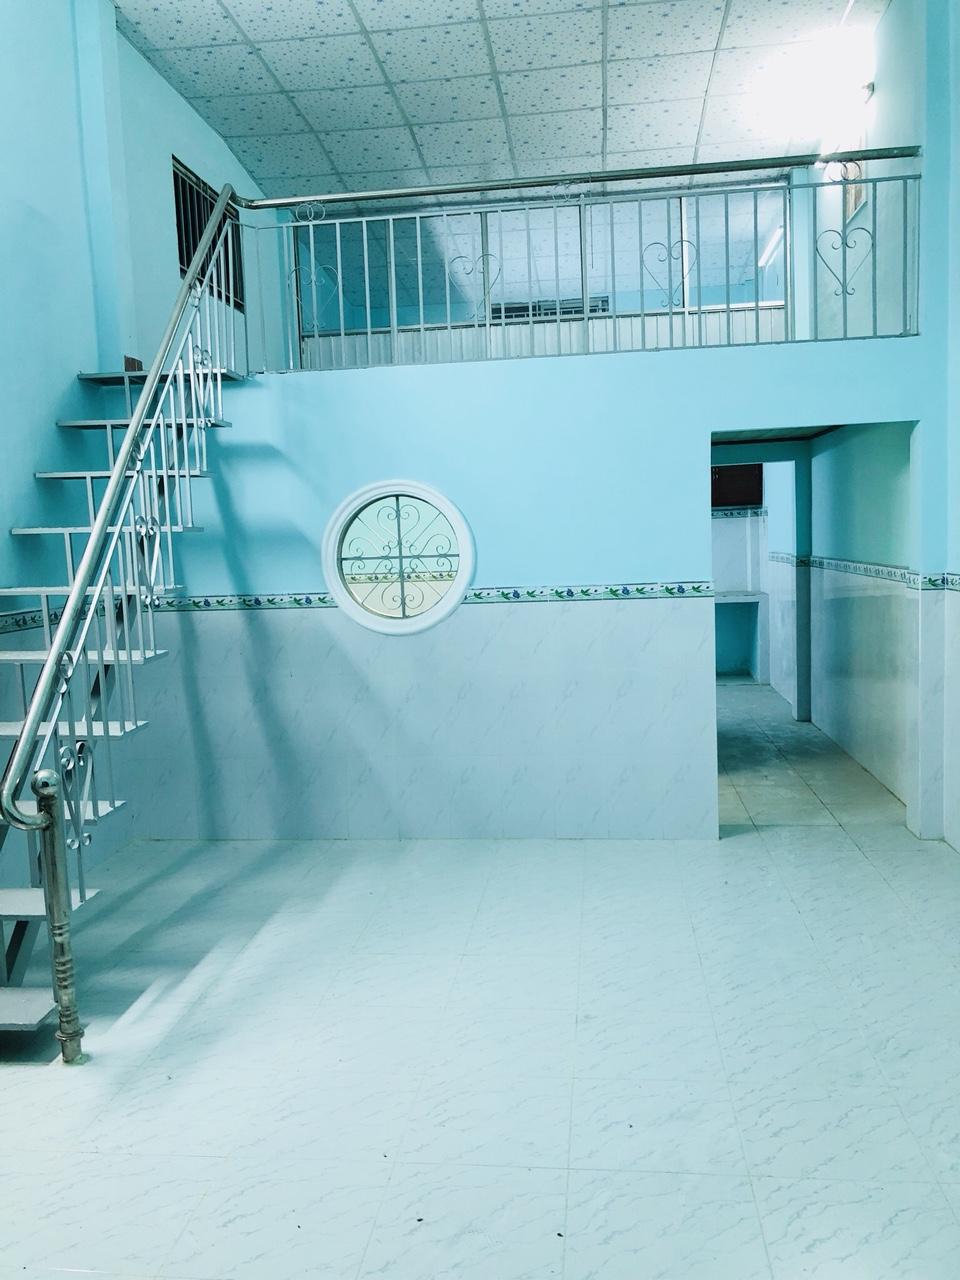 Bán nhà cấp 4 hẻm 176 Quốc Lộ 13 Thủ Đức, diện tích 116 m2, giá 4,6 tỷ.3